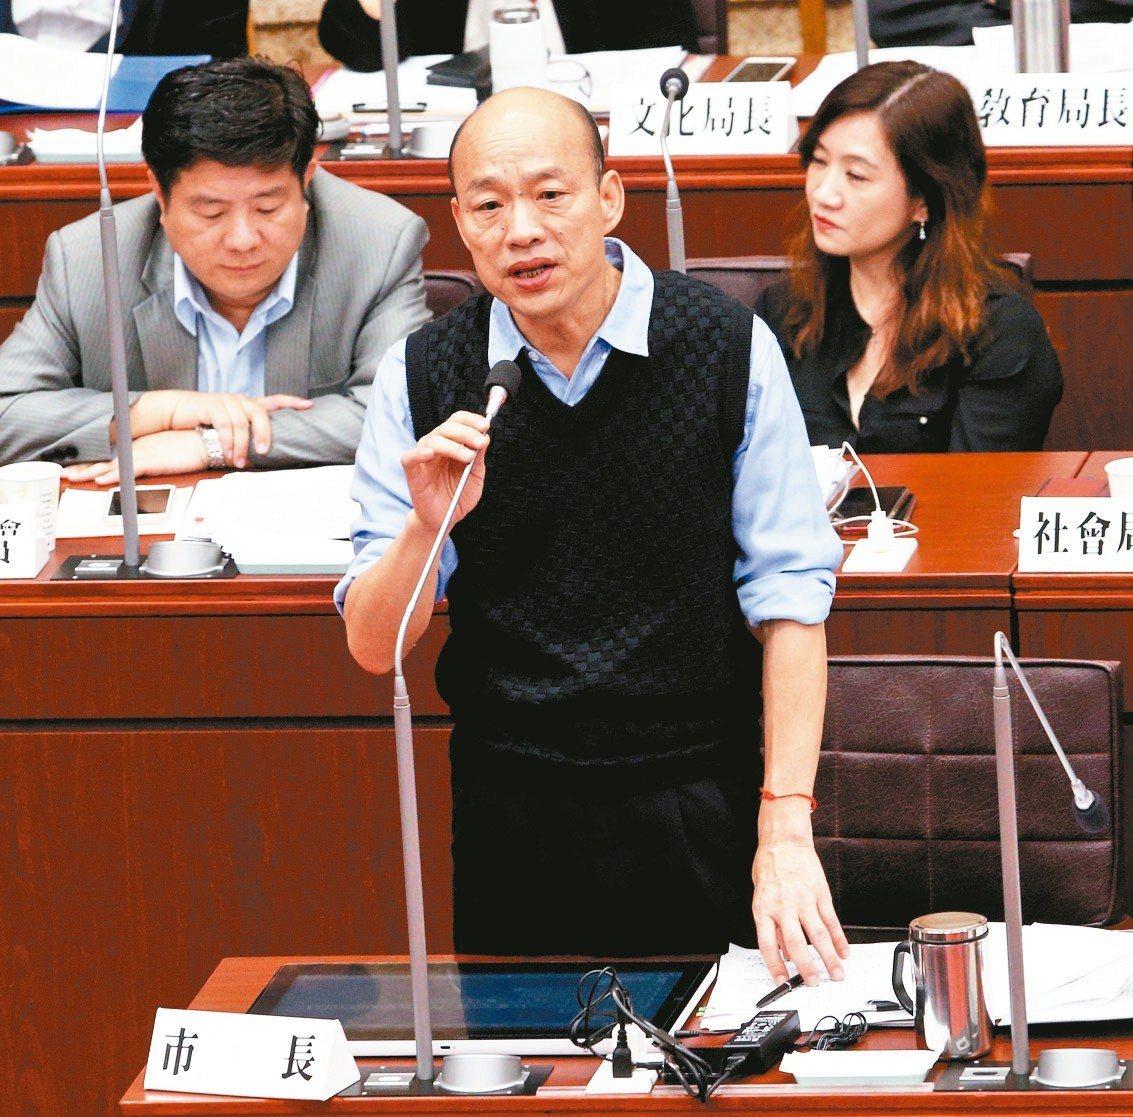 台灣制憲基金會做全手機民調,三腳督情形下韓國瑜勝出。 記者劉學聖/攝影